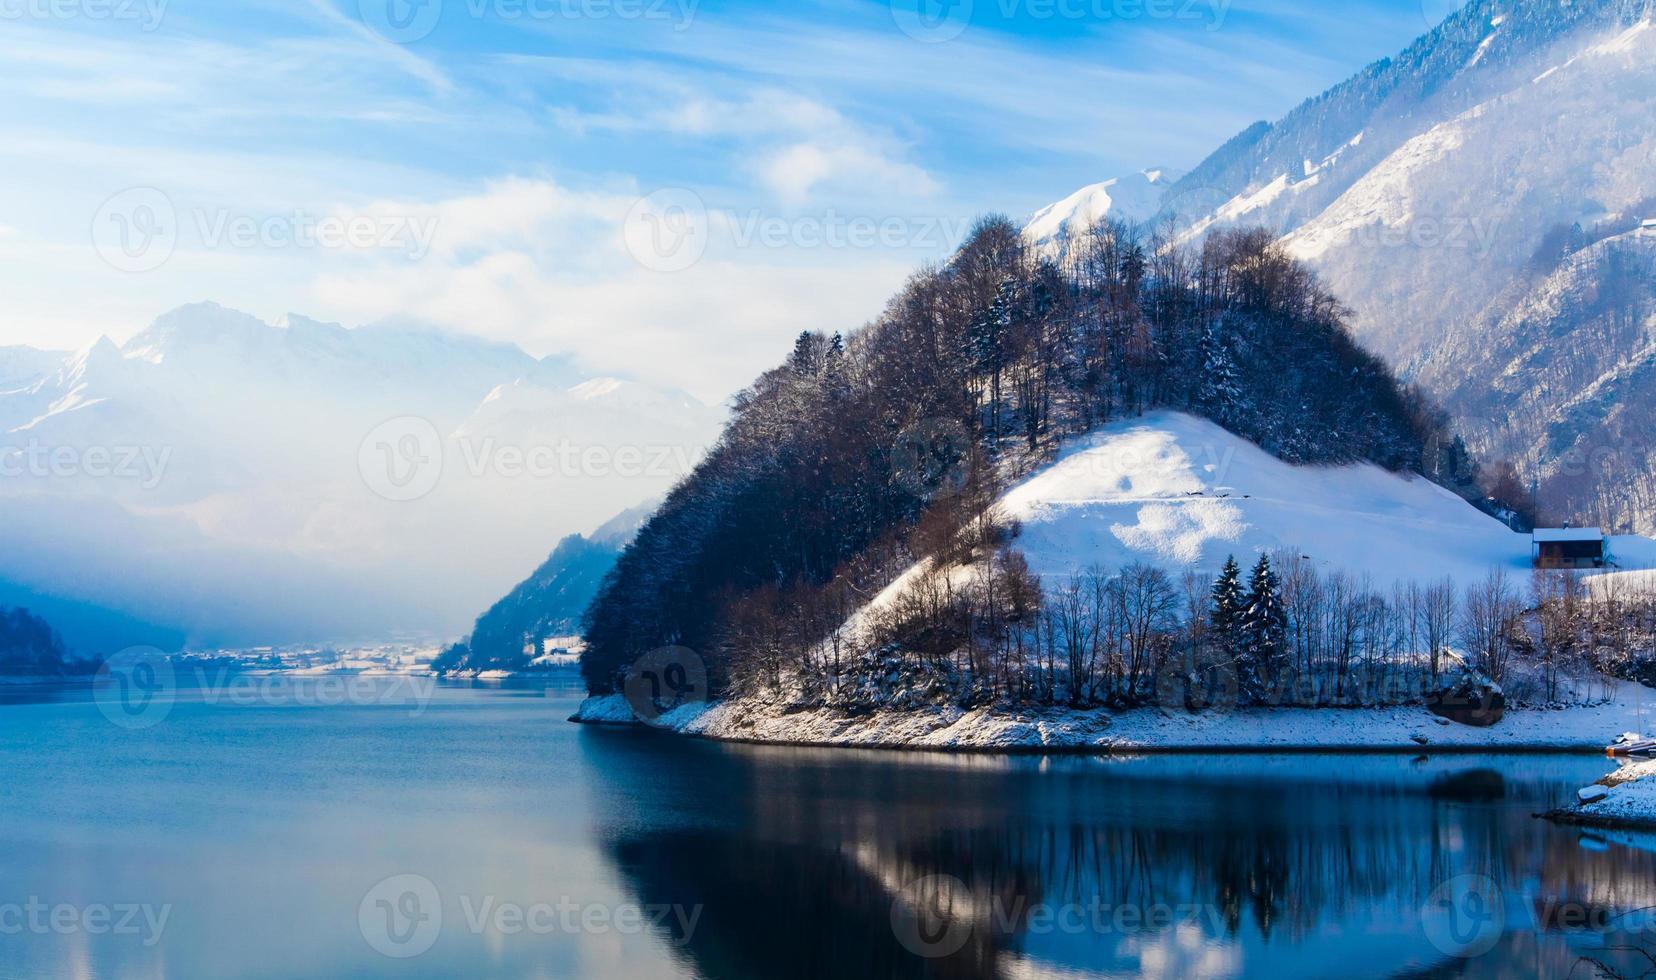 inverno nos Alpes suíços. foto